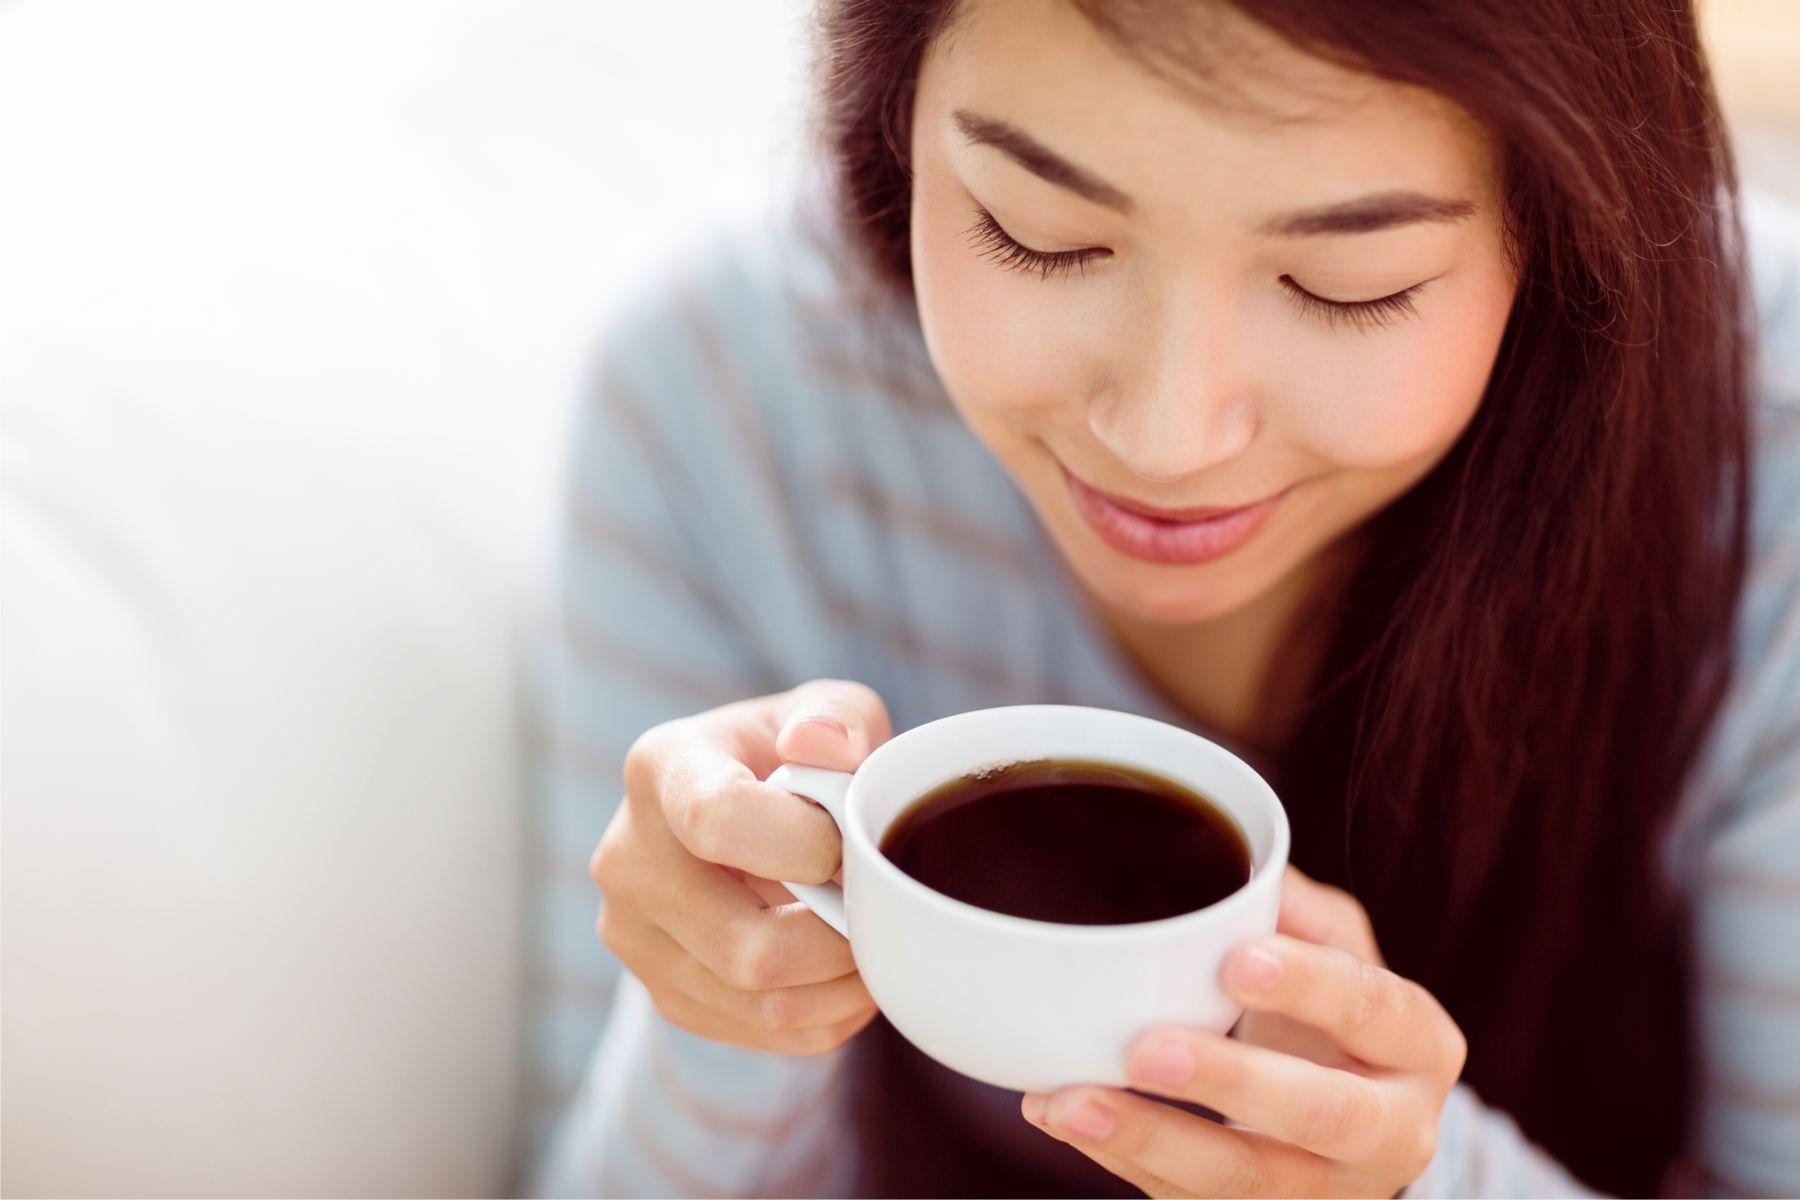 愛喝咖啡易乳房纖維囊腫、誘發乳癌風險?醫師這樣說...